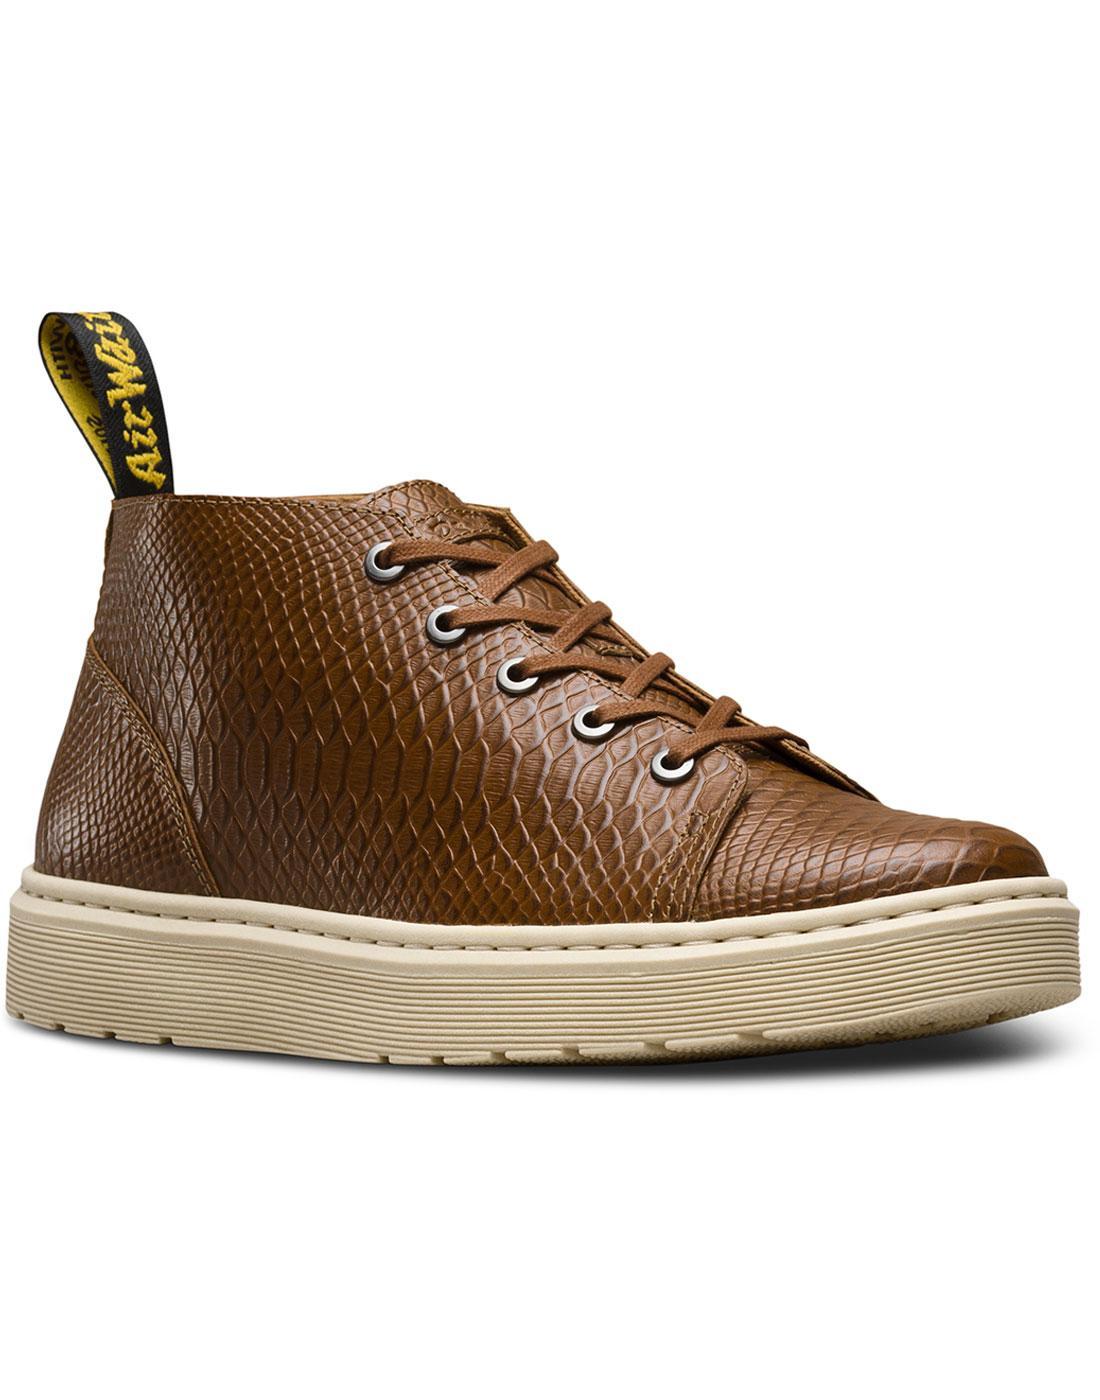 Baynes DR MARTENS Python Embossed Chukka Boots TAN